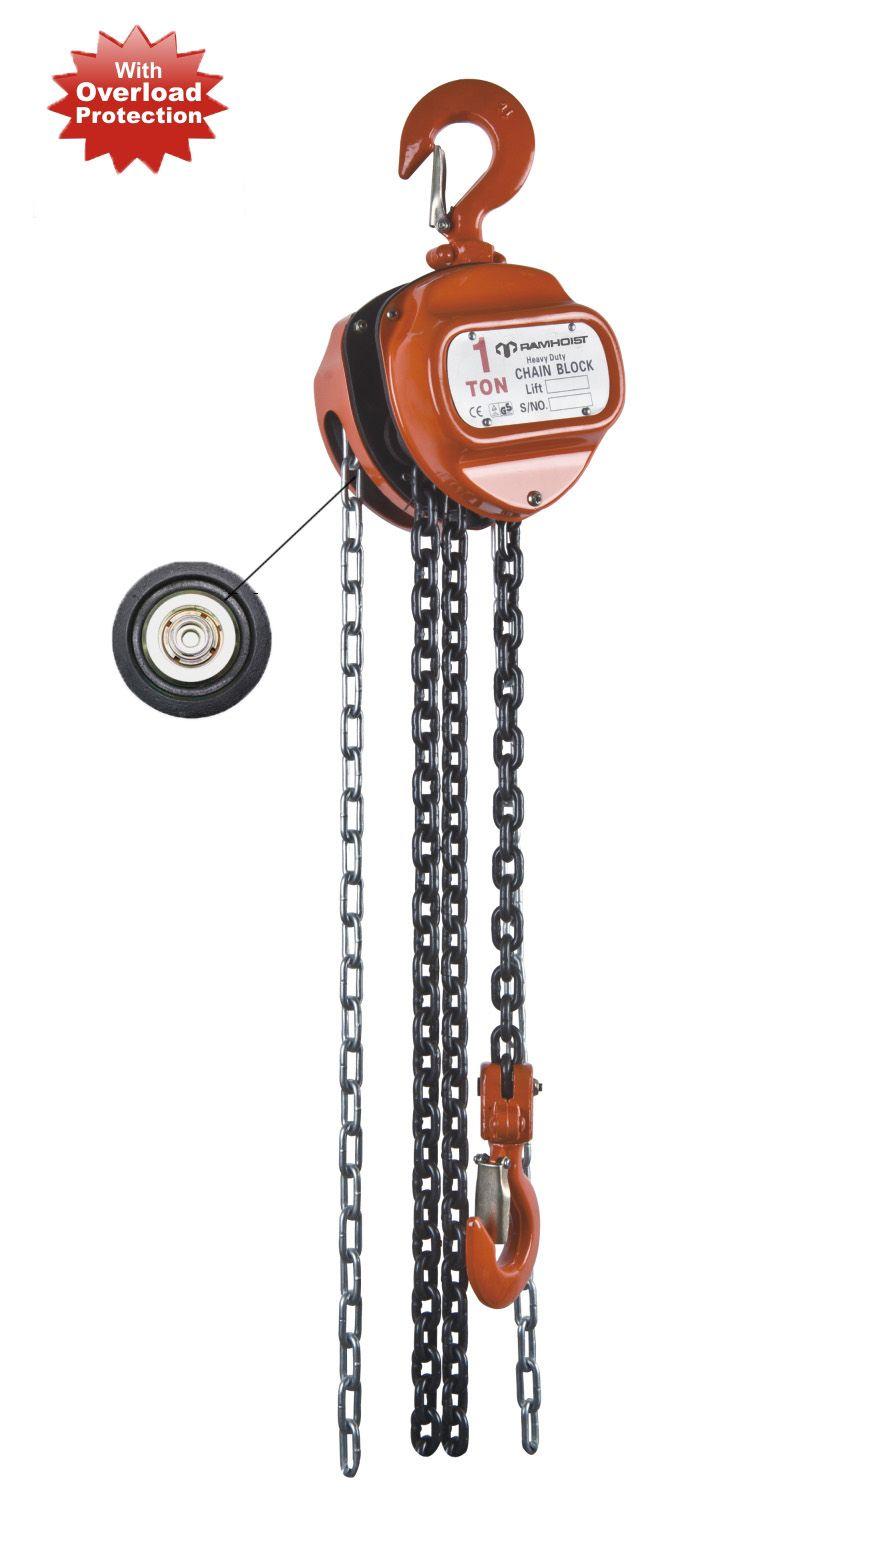 Ck Chain Block Manual Chain Hoist Hand Chain Chain Blocks